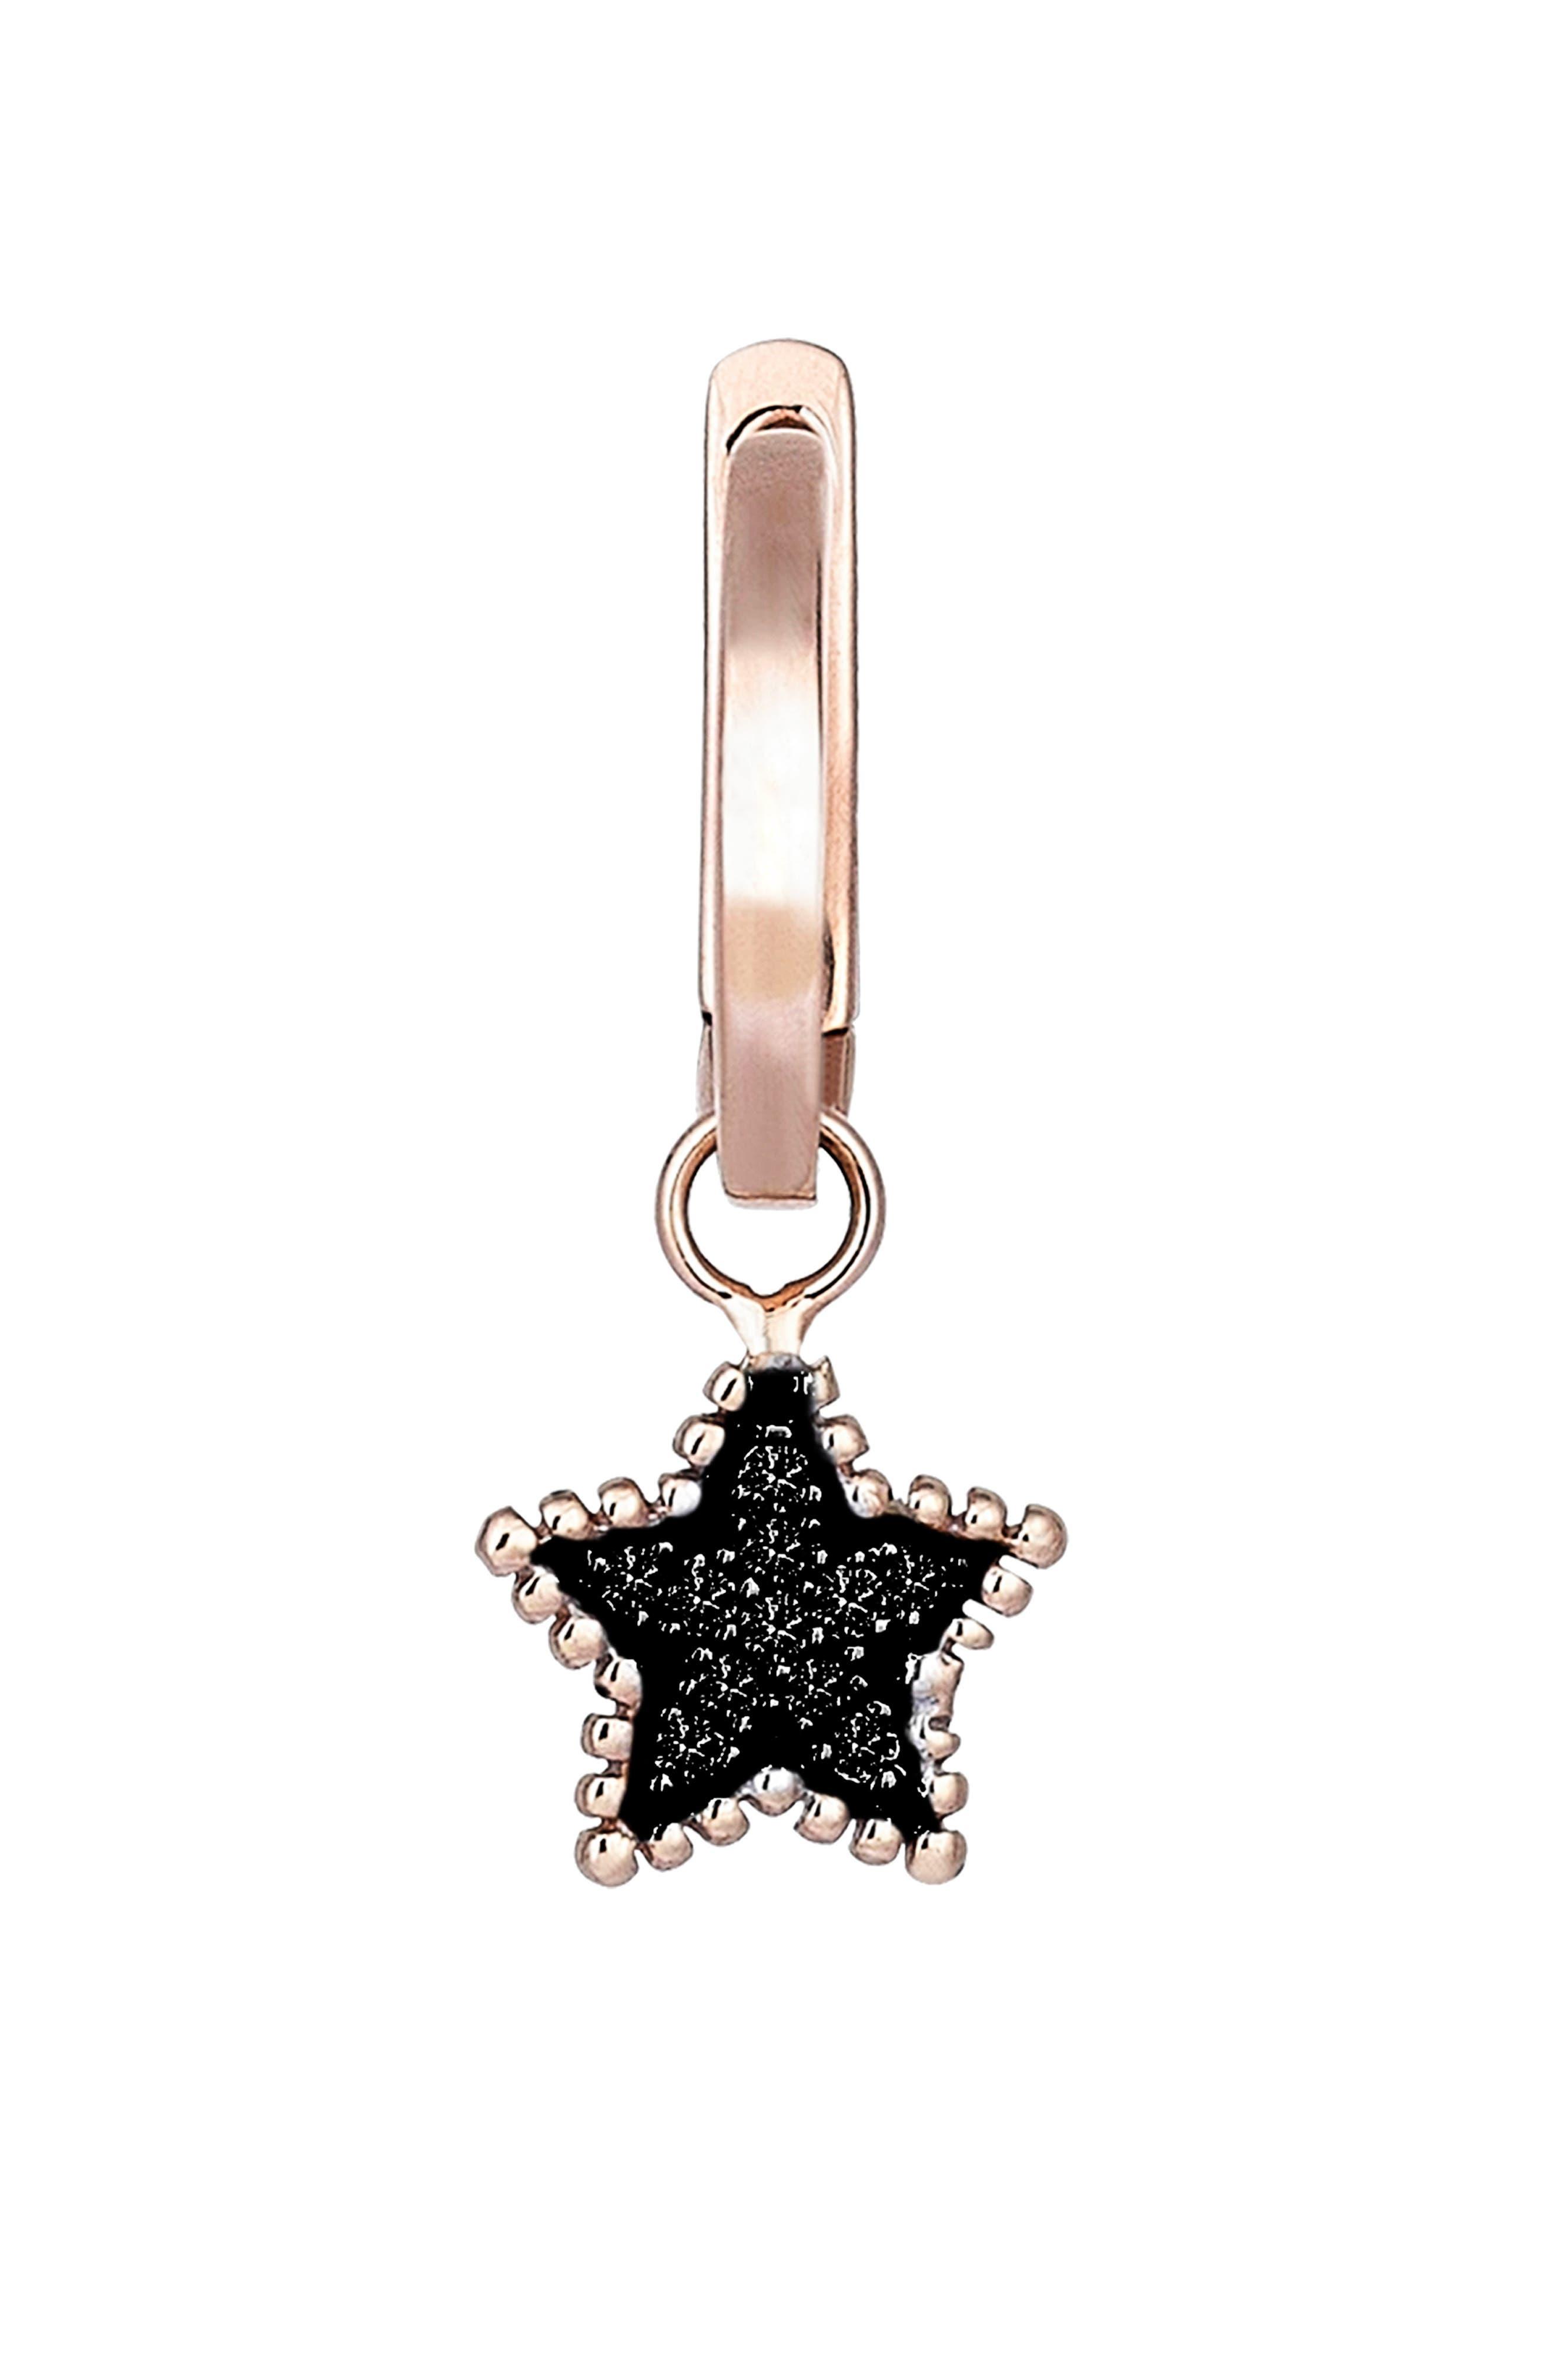 KISMET BY MILKA Black Diamond Star Hoop Earring, Main, color, ROSE GOLD